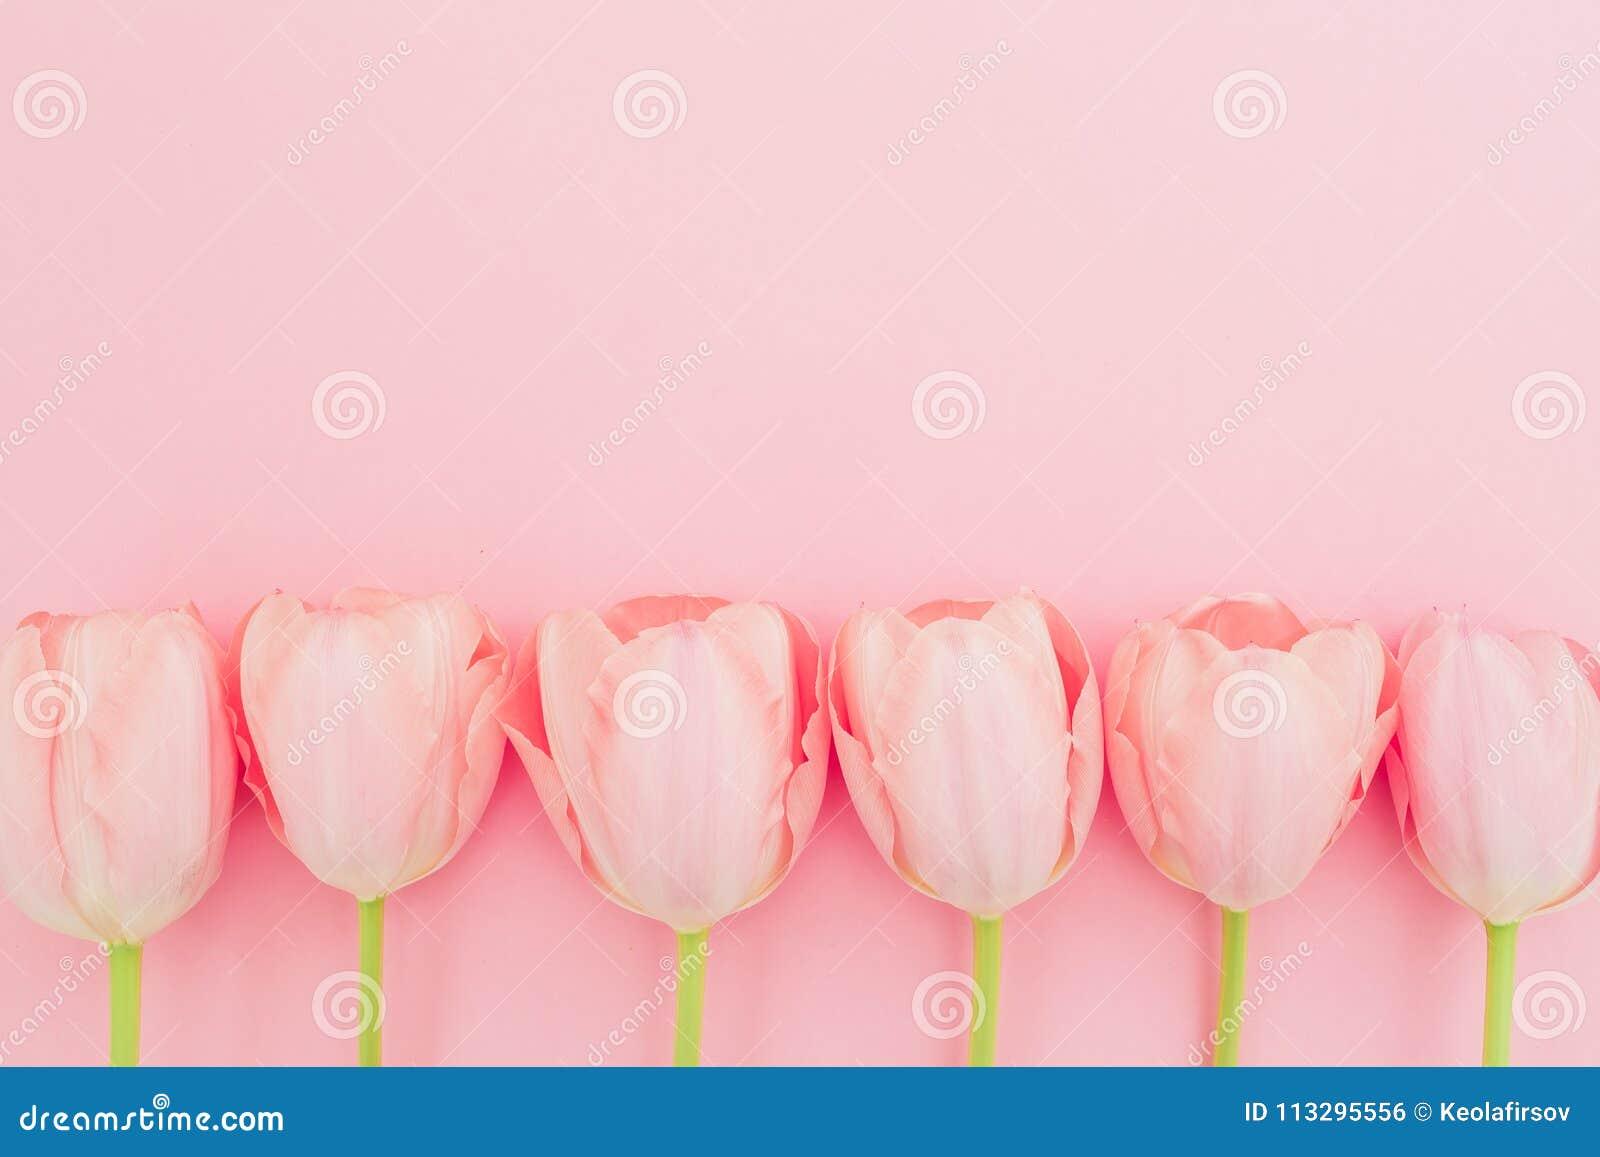 Цветочный узор с тюльпанами цветет на розовой пастельной предпосылке Плоское положение, взгляд сверху Предпосылка времени весны